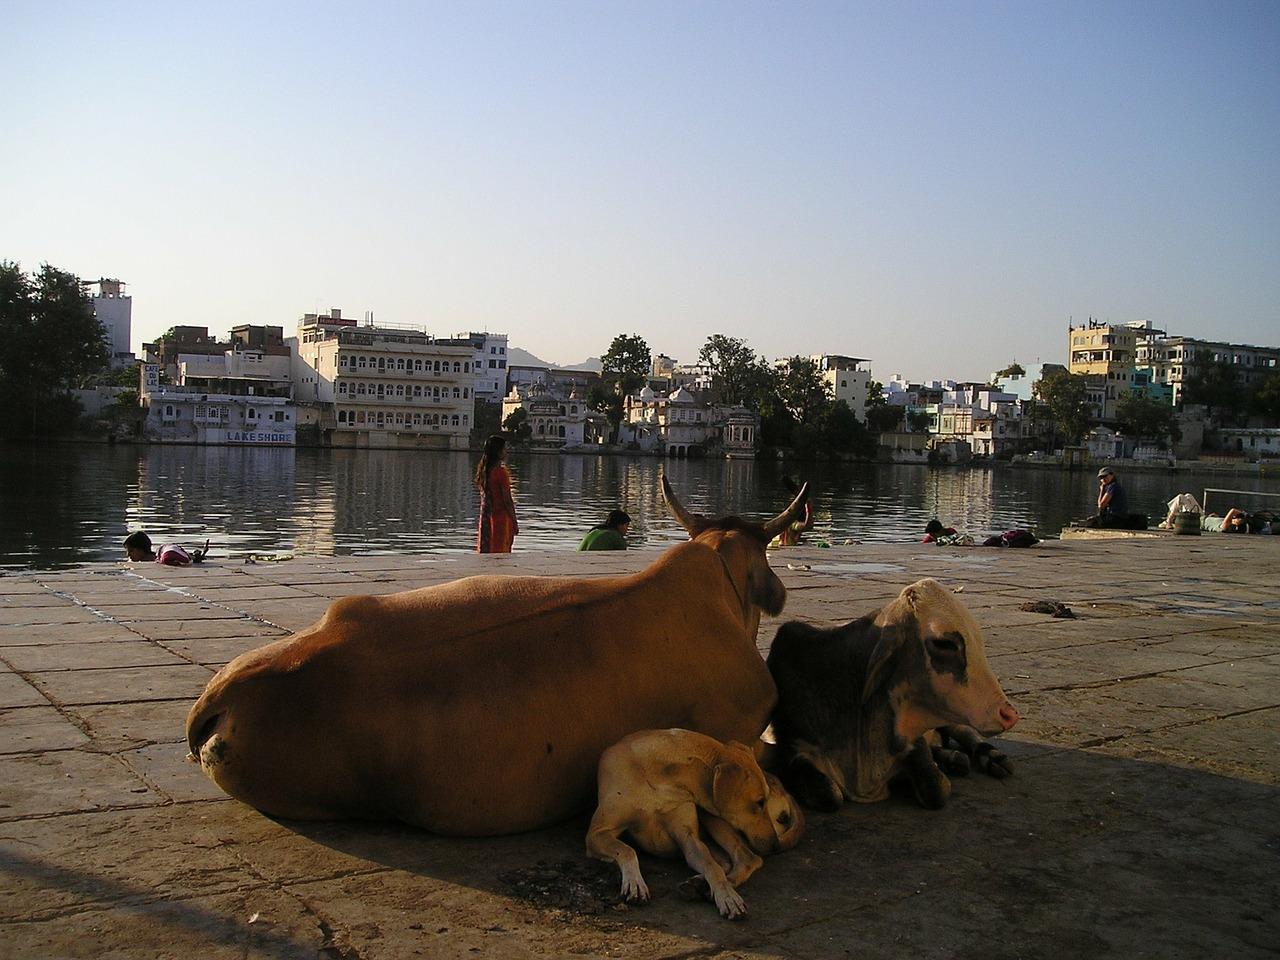 Bezerro com um olho considerado um deus na Índia